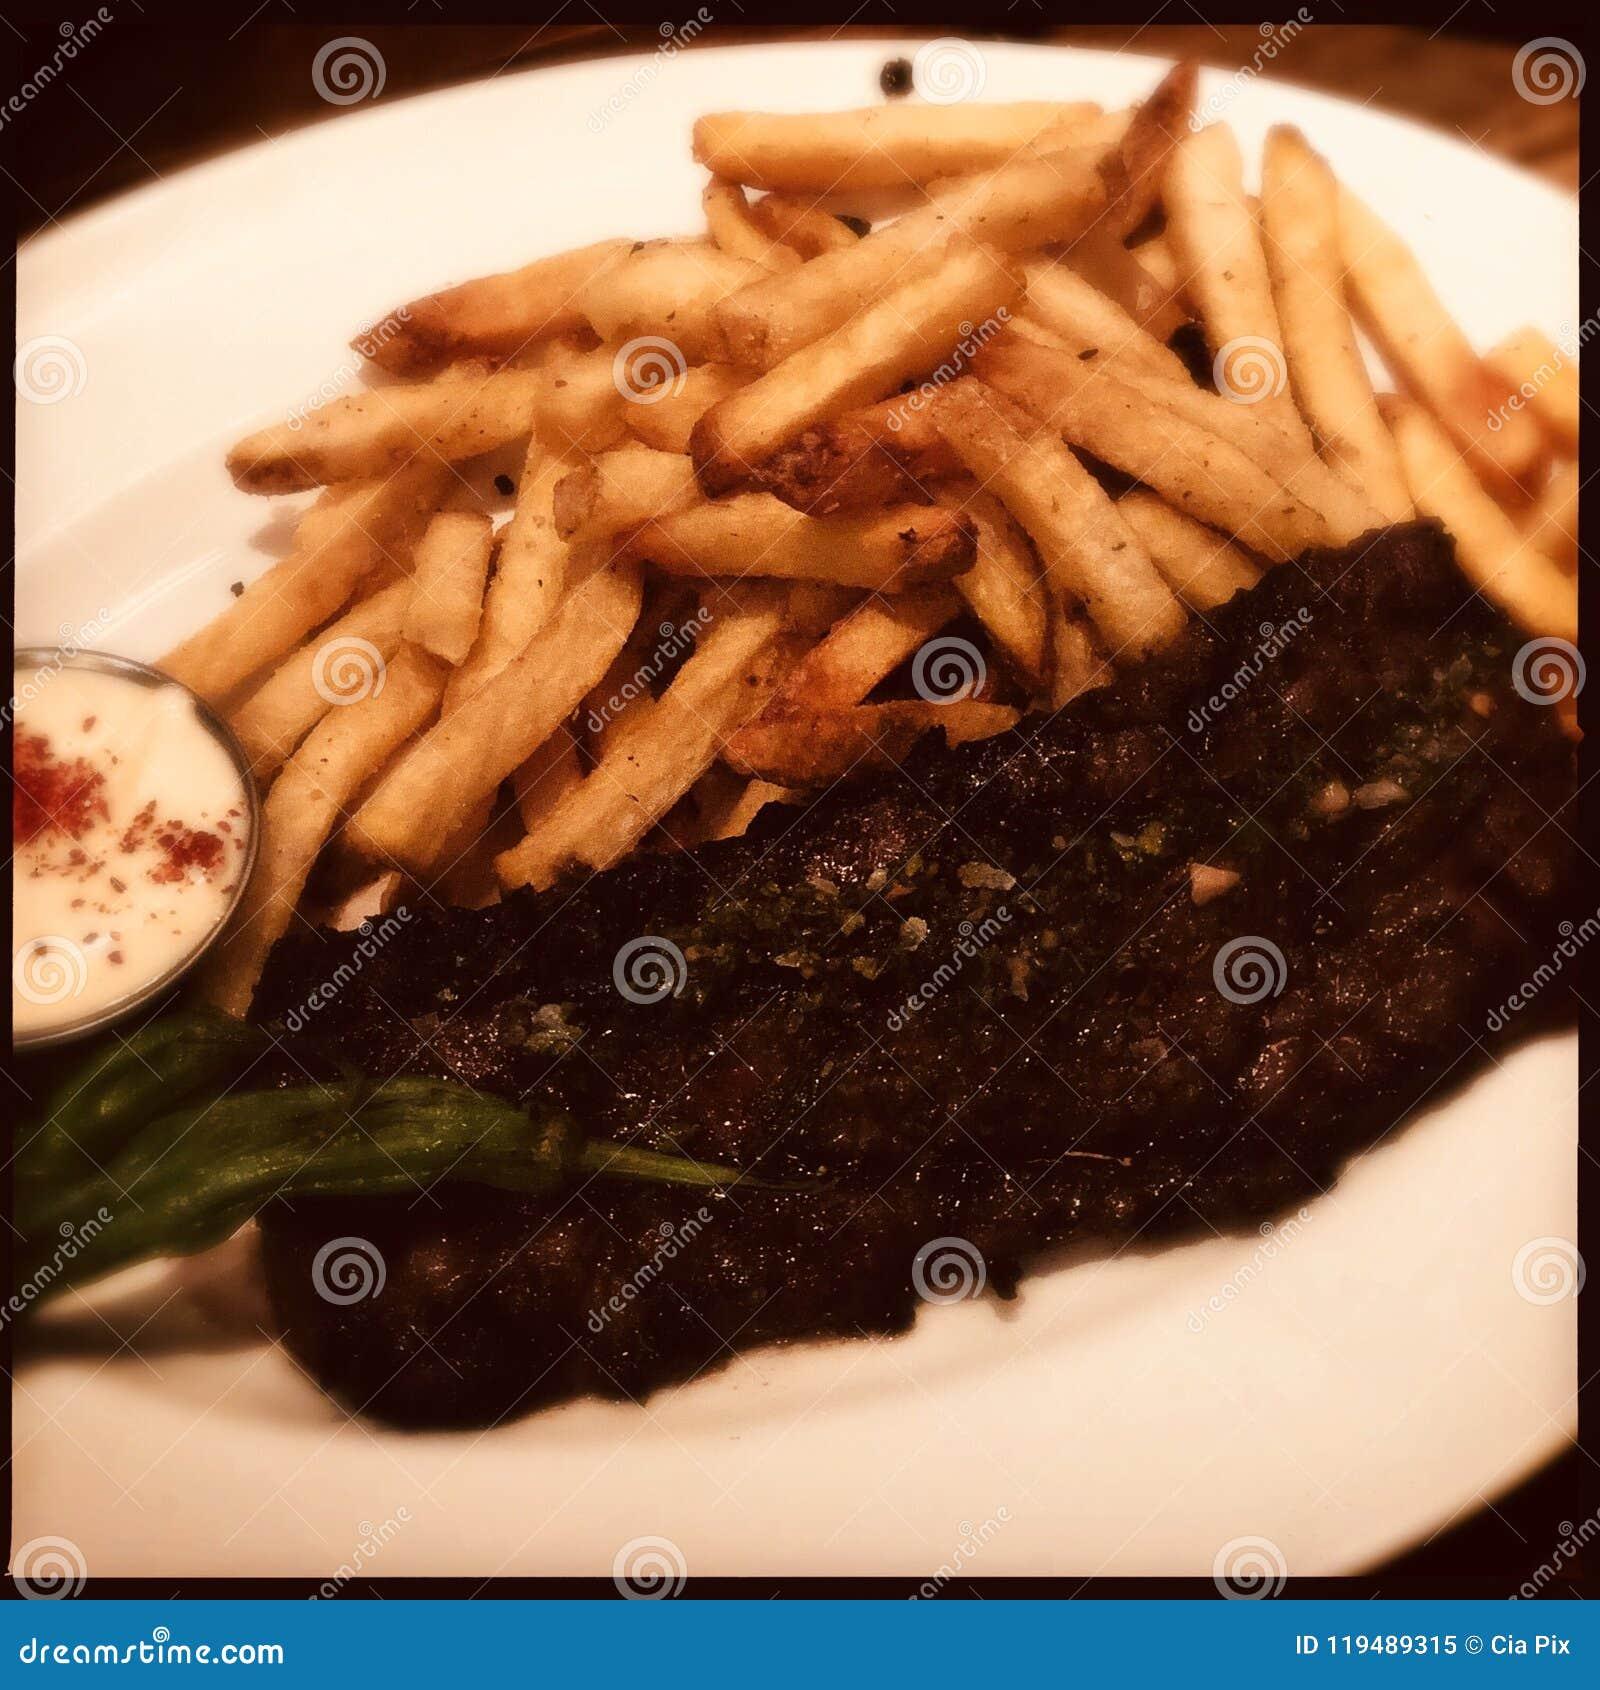 Roklapje vlees met Gebraden gerechten